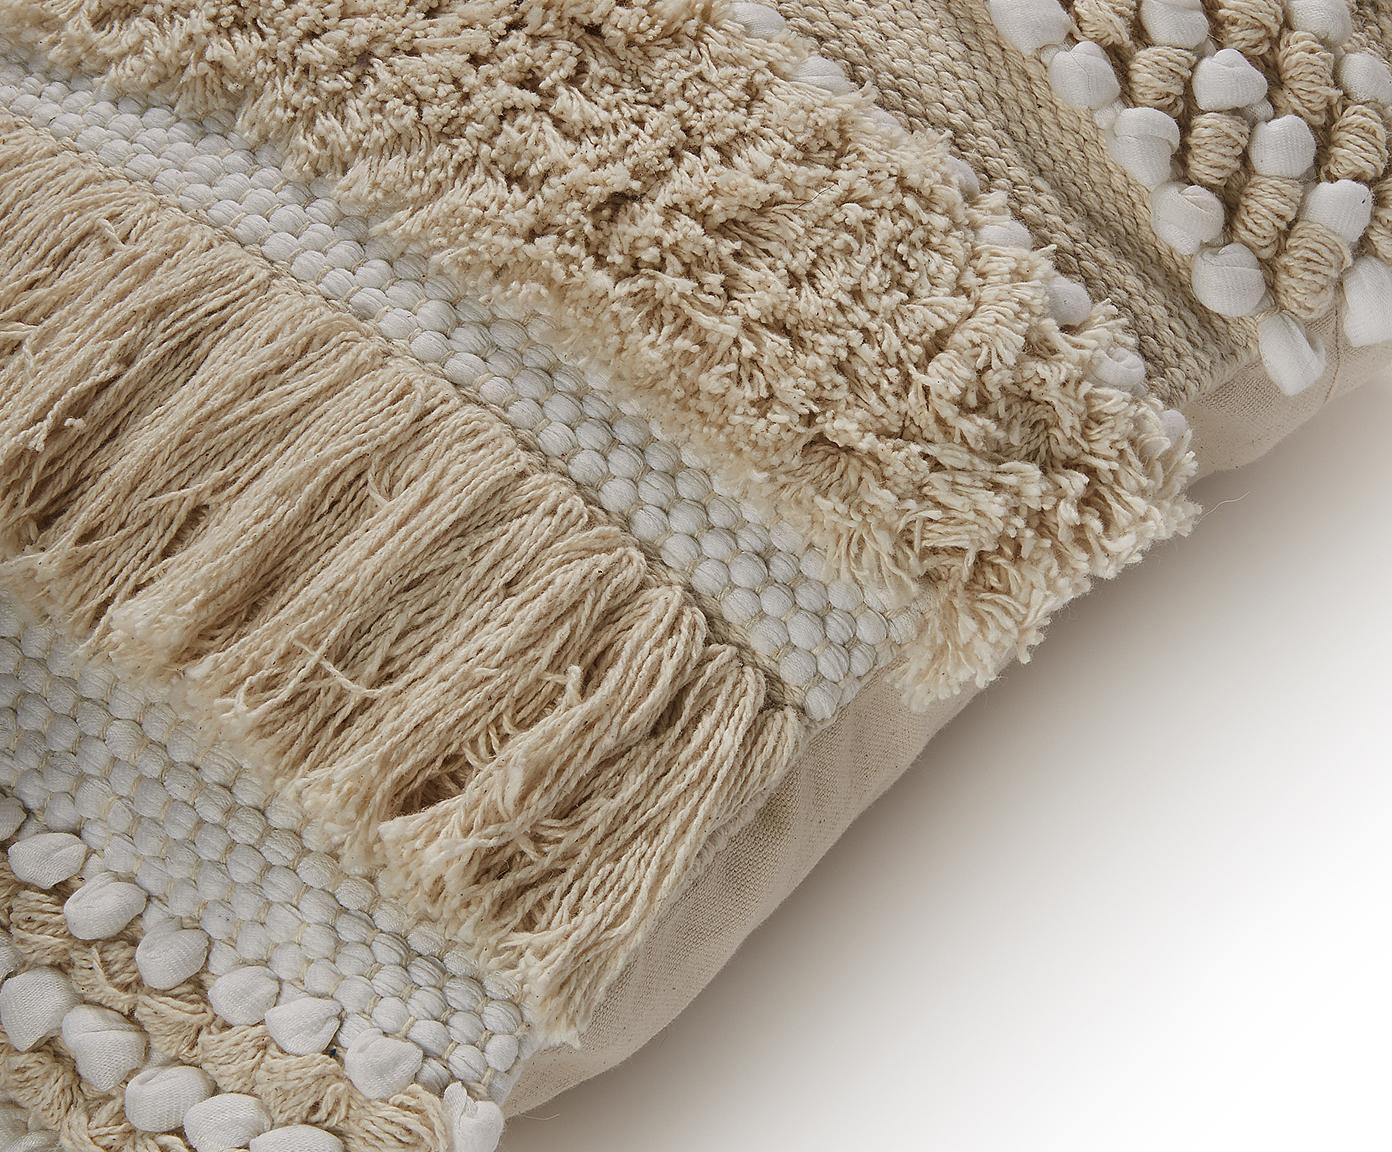 Poszewka na poduszkę boho Frinny, 100% bawełna, Biały, ecru, S 45 x D 45 cm